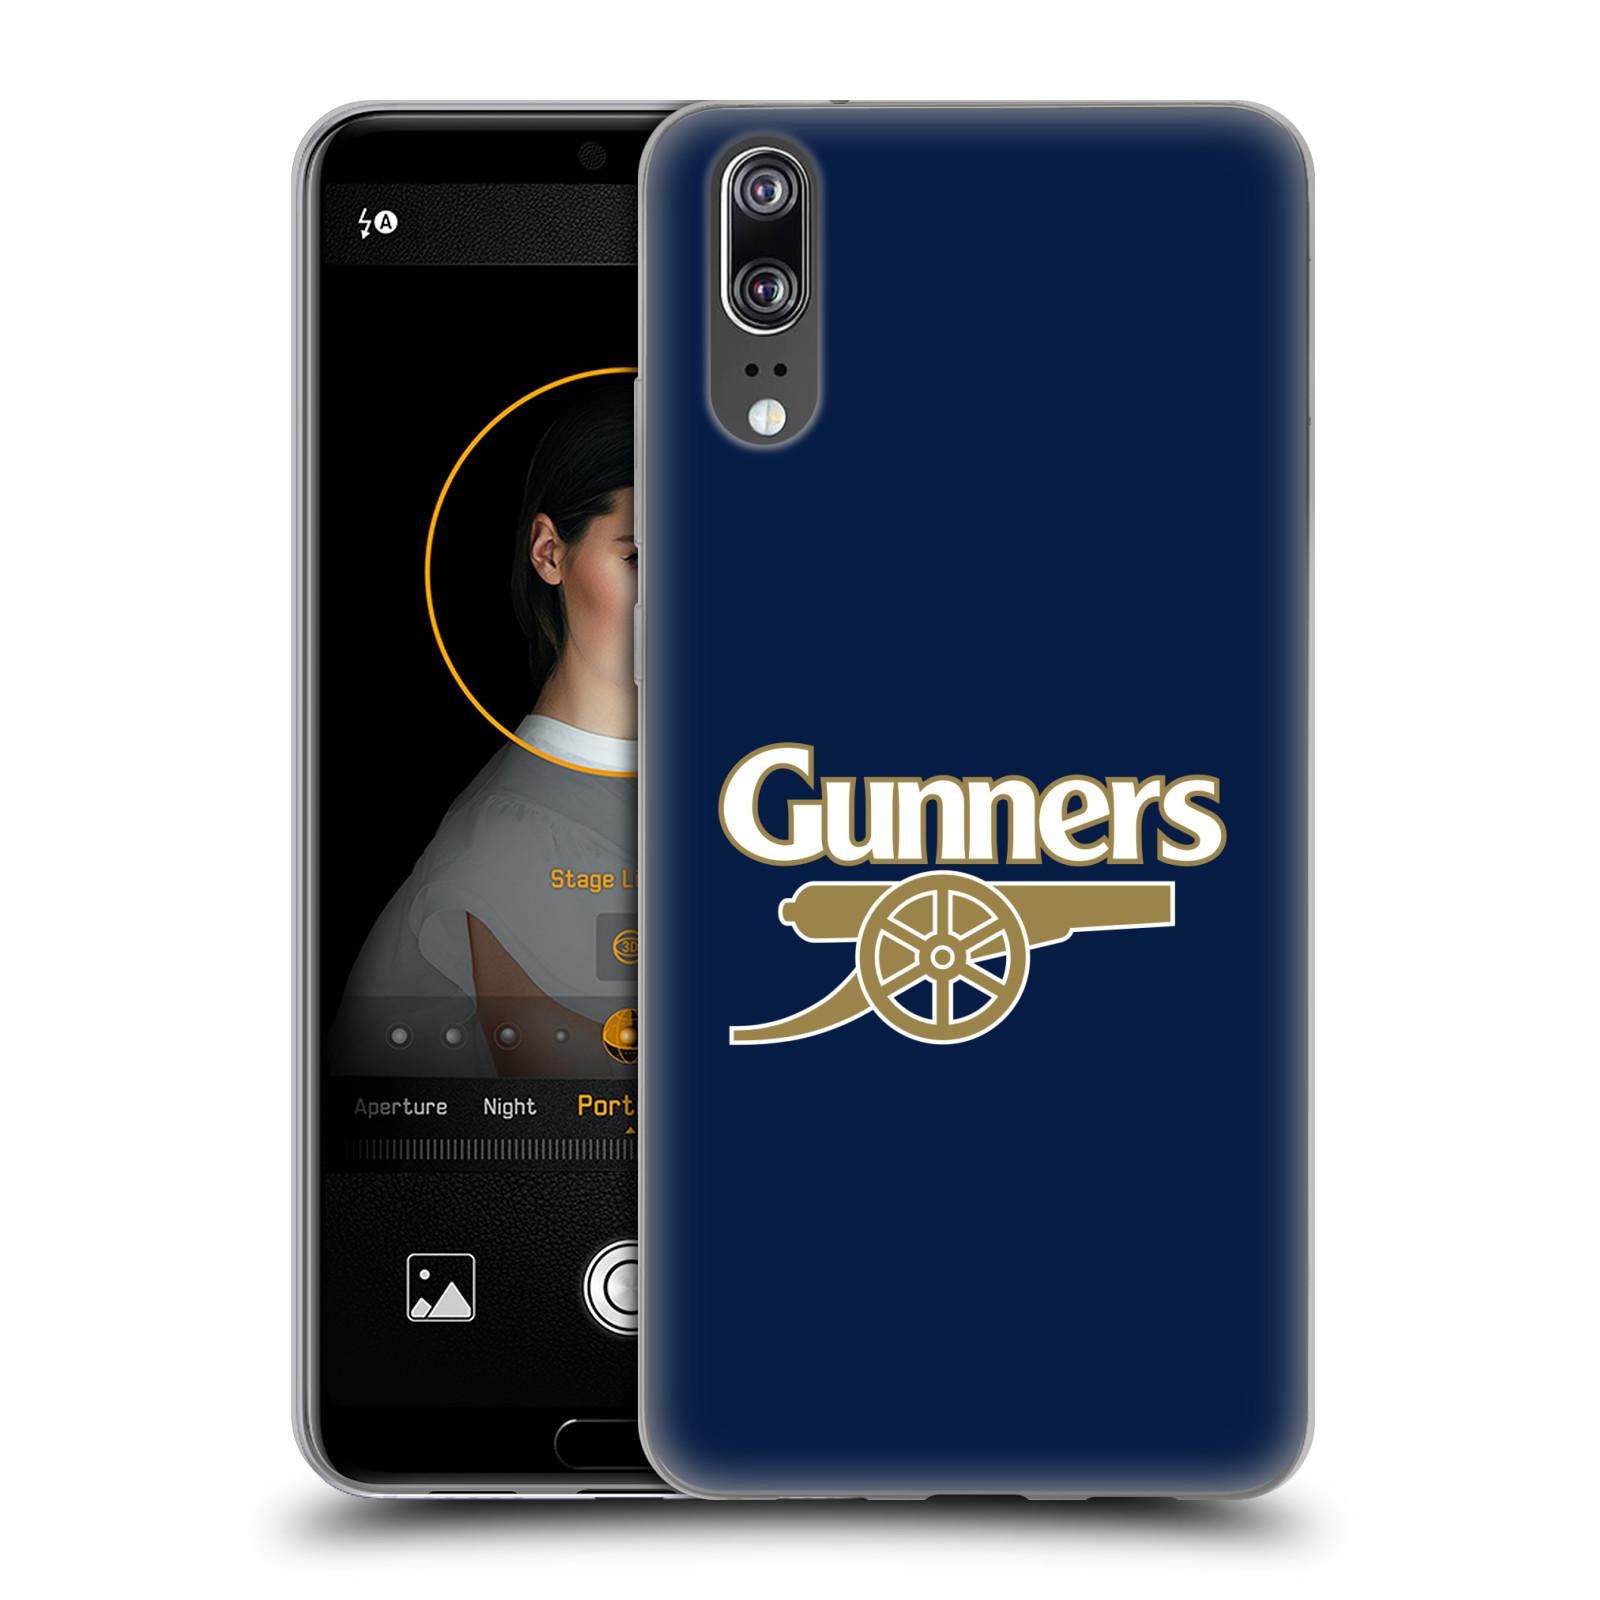 Silikonové pouzdro na mobil Huawei P20 - Head Case - Arsenal FC - Gunners